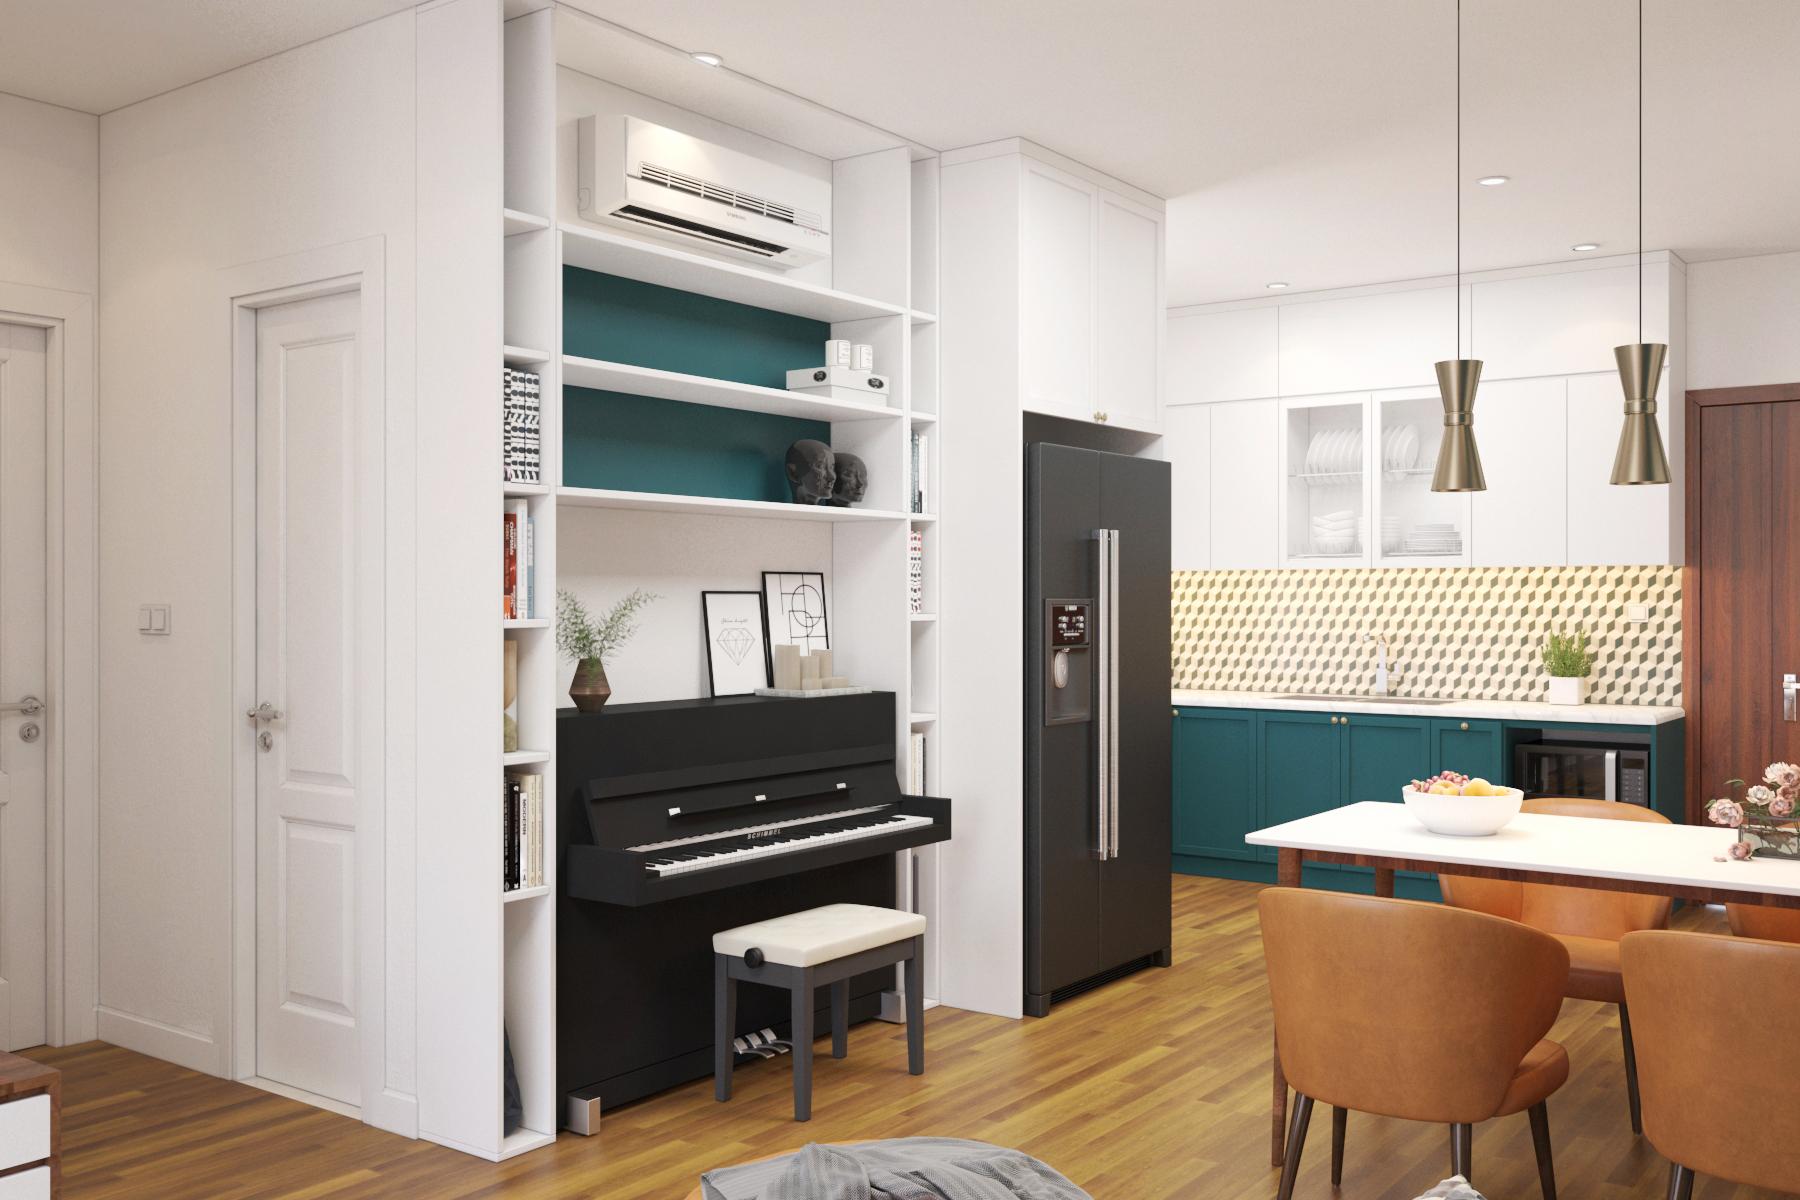 Thiết kế nội thất Chung Cư tại Hồ Chí Minh chung cư chị Tình 1627034867 4